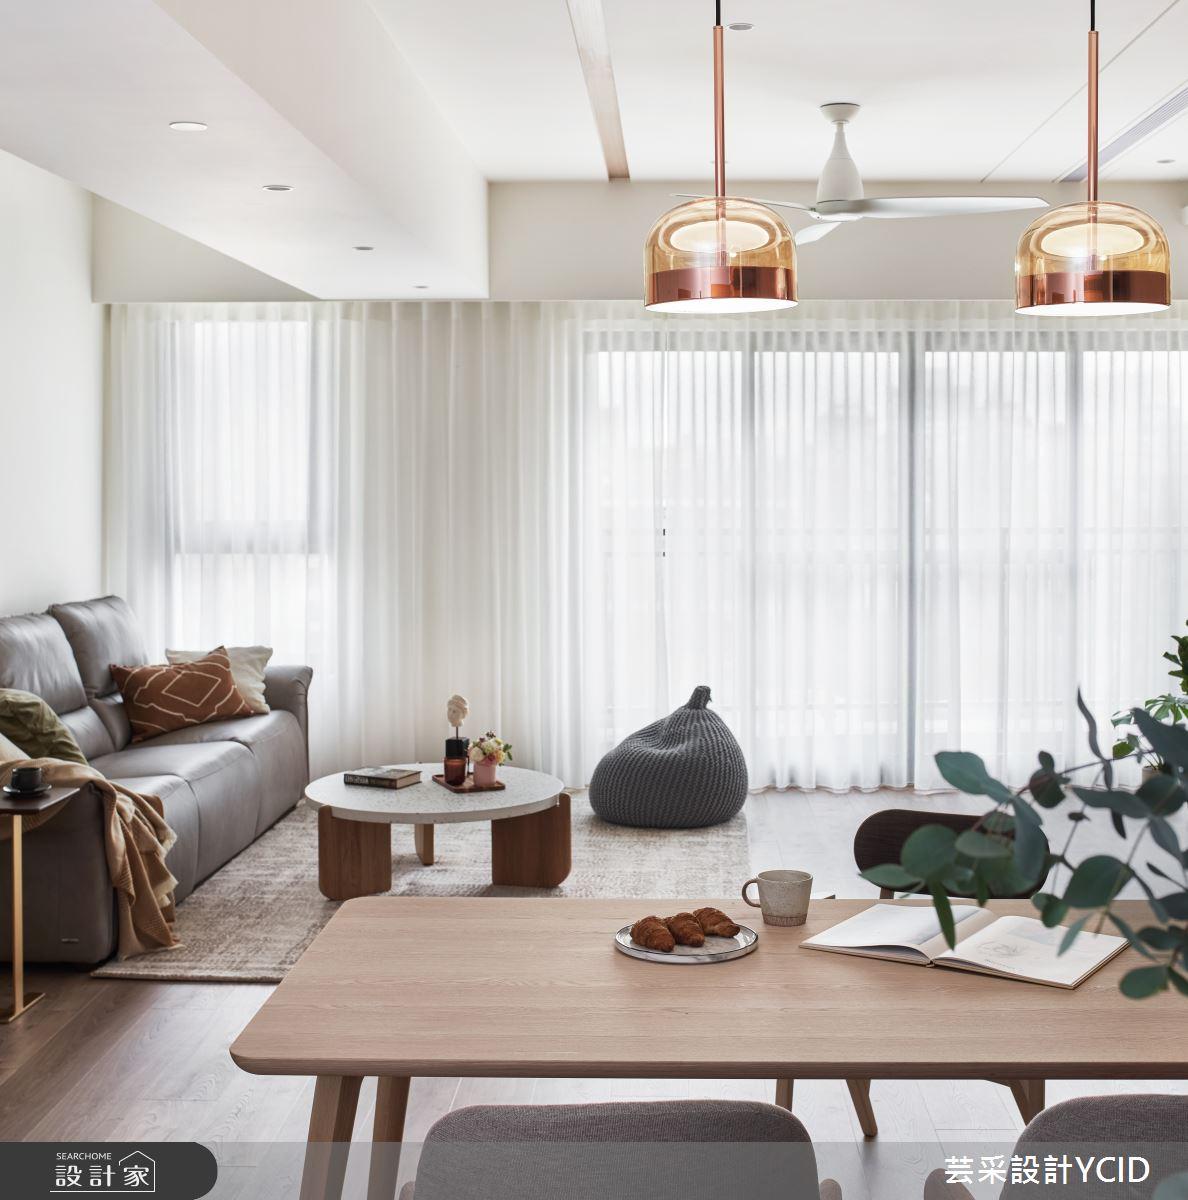 45坪新成屋(5年以下)_混搭風案例圖片_芸采創意空間設計公司_芸采_14之8